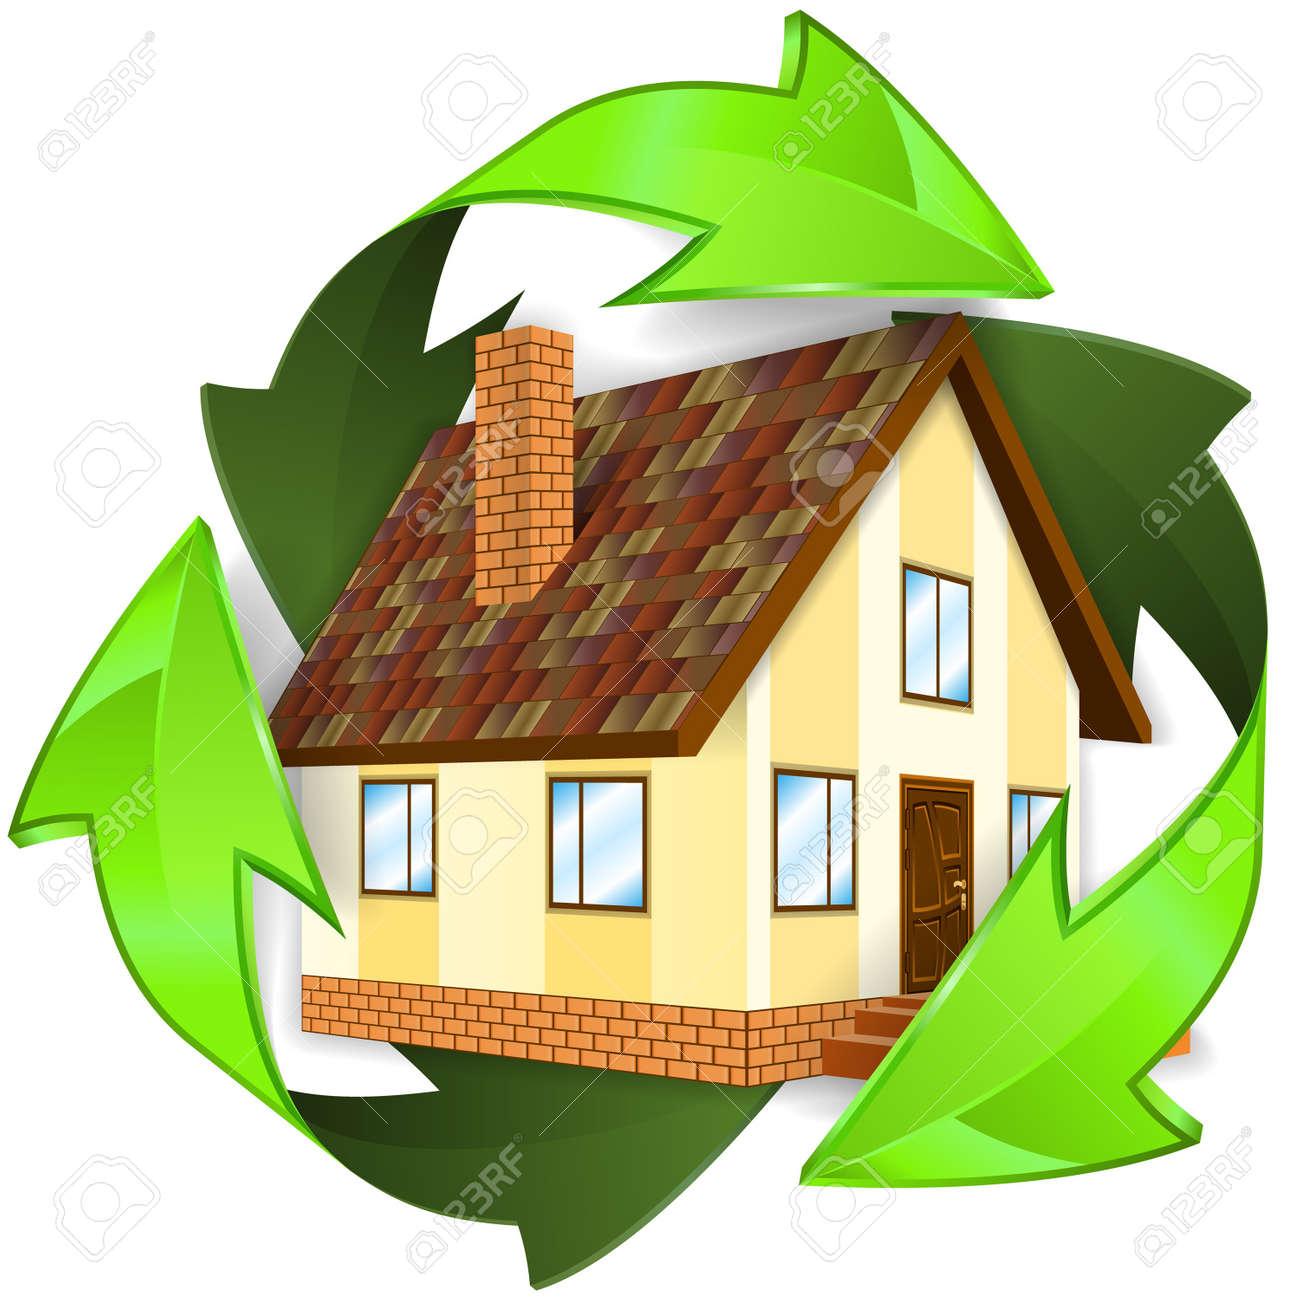 l'environnement et d'économie d'énergie concept - icône de maison